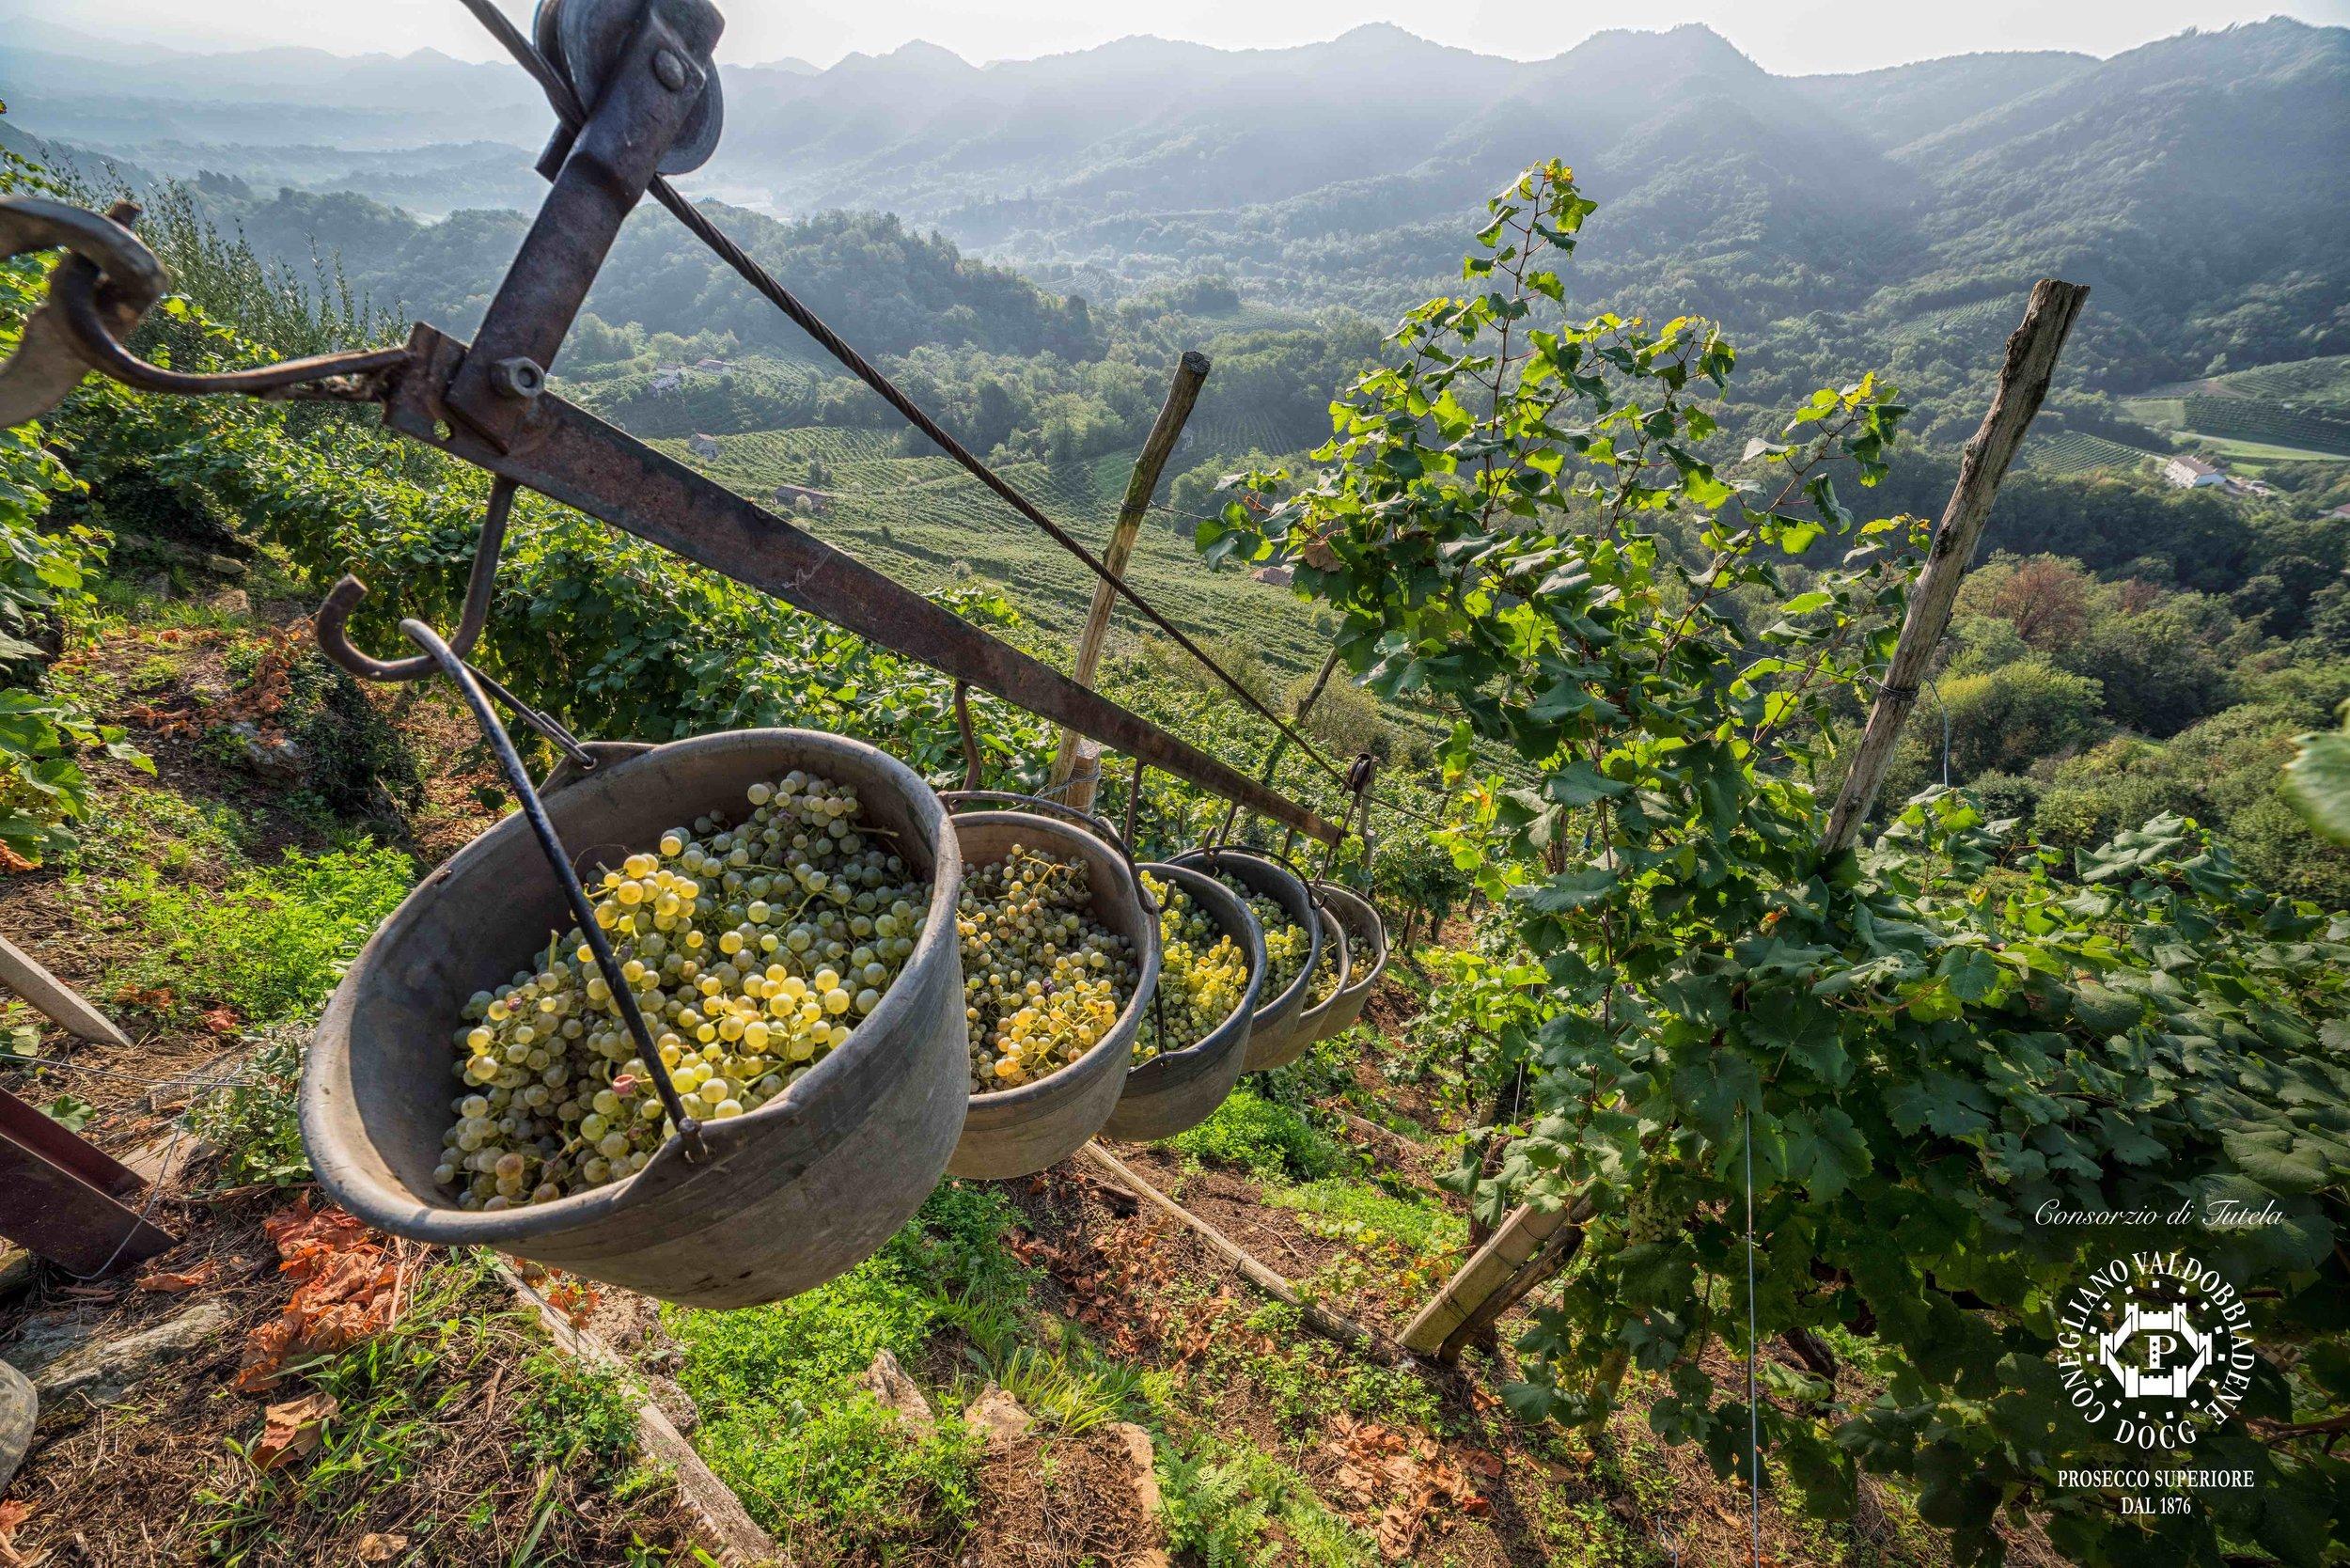 smallphoto credits_Consorzio di Tutela del Vino Conegliano Valdobbiadene, foto di Arcangelo Piai